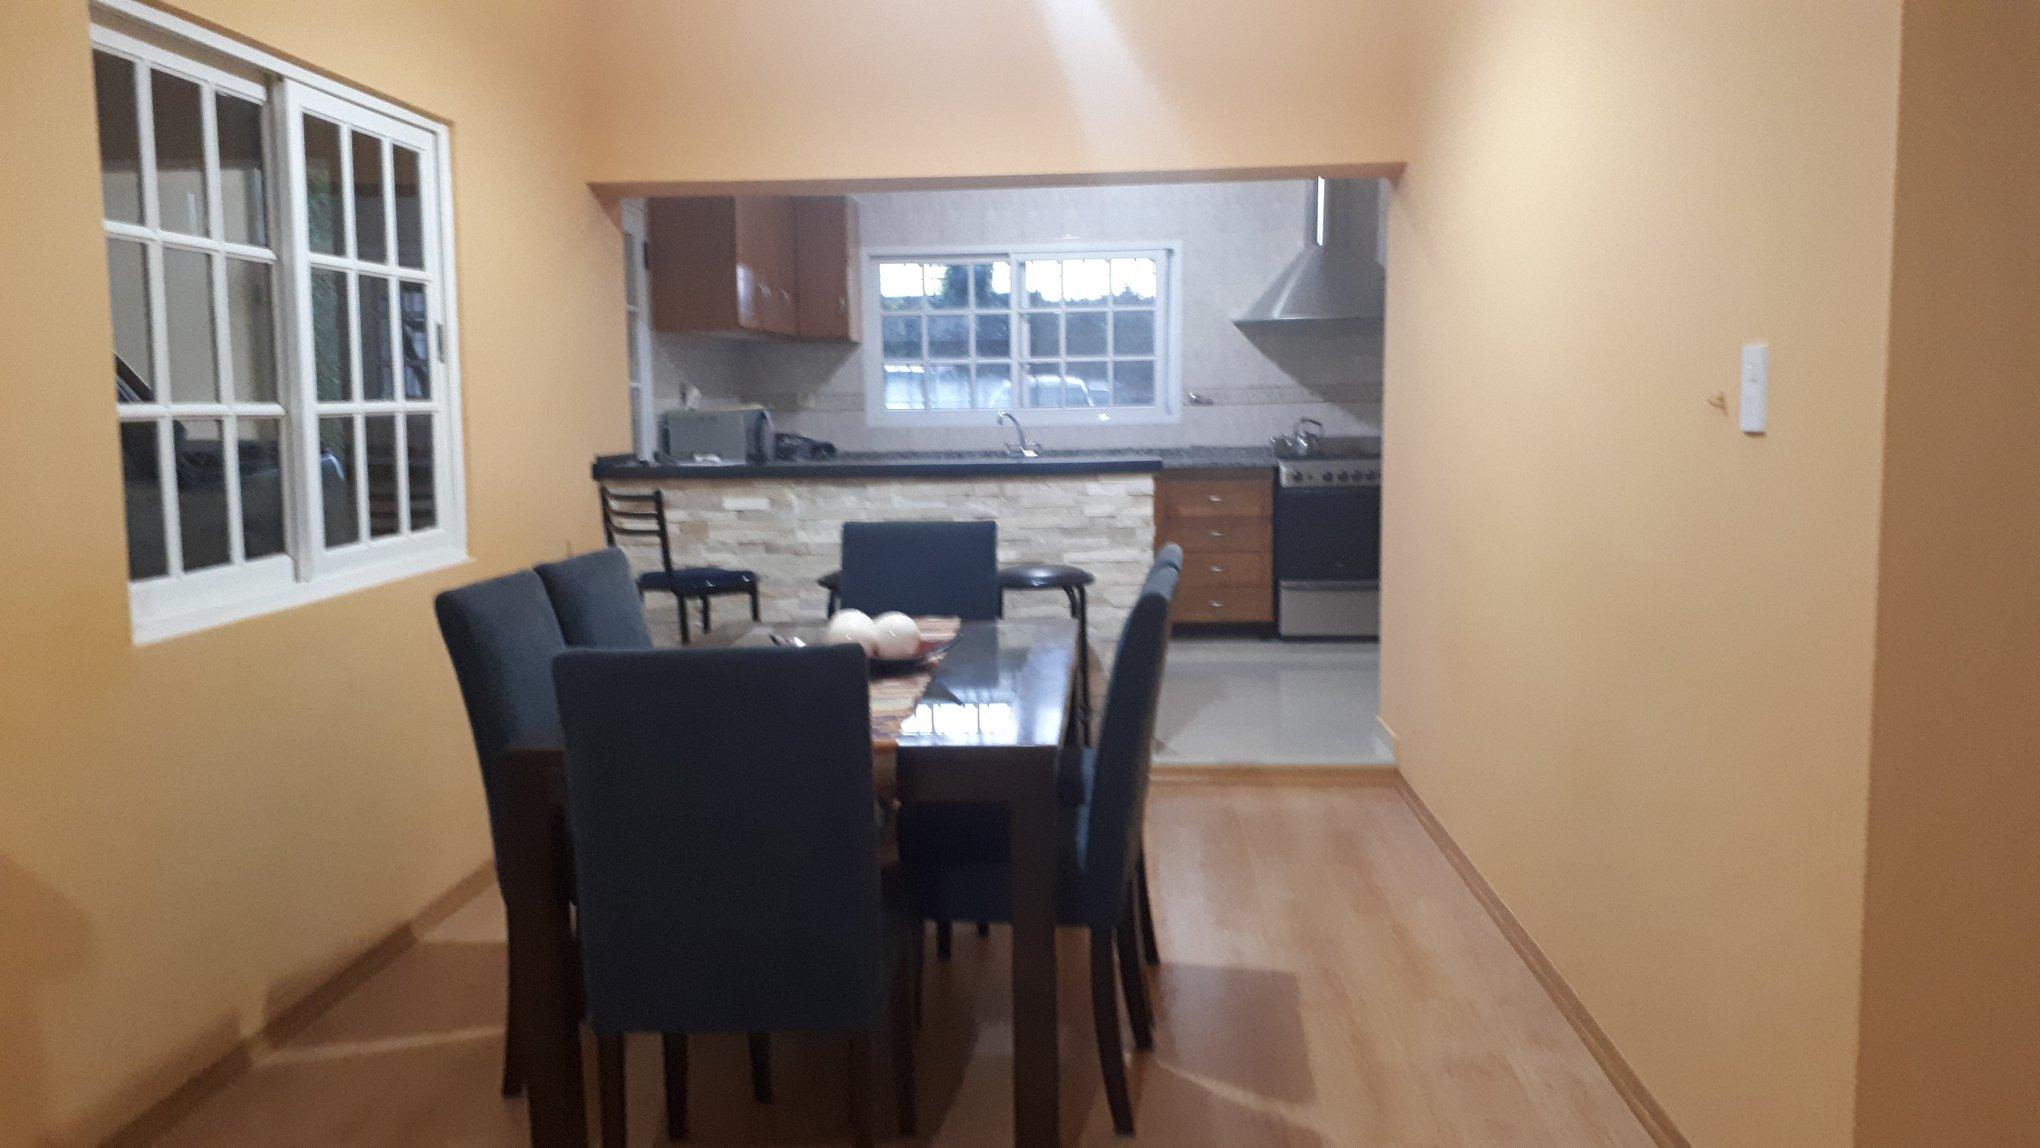 Vendo Casa en Felix Pagola y Berutti (pb), Zárate